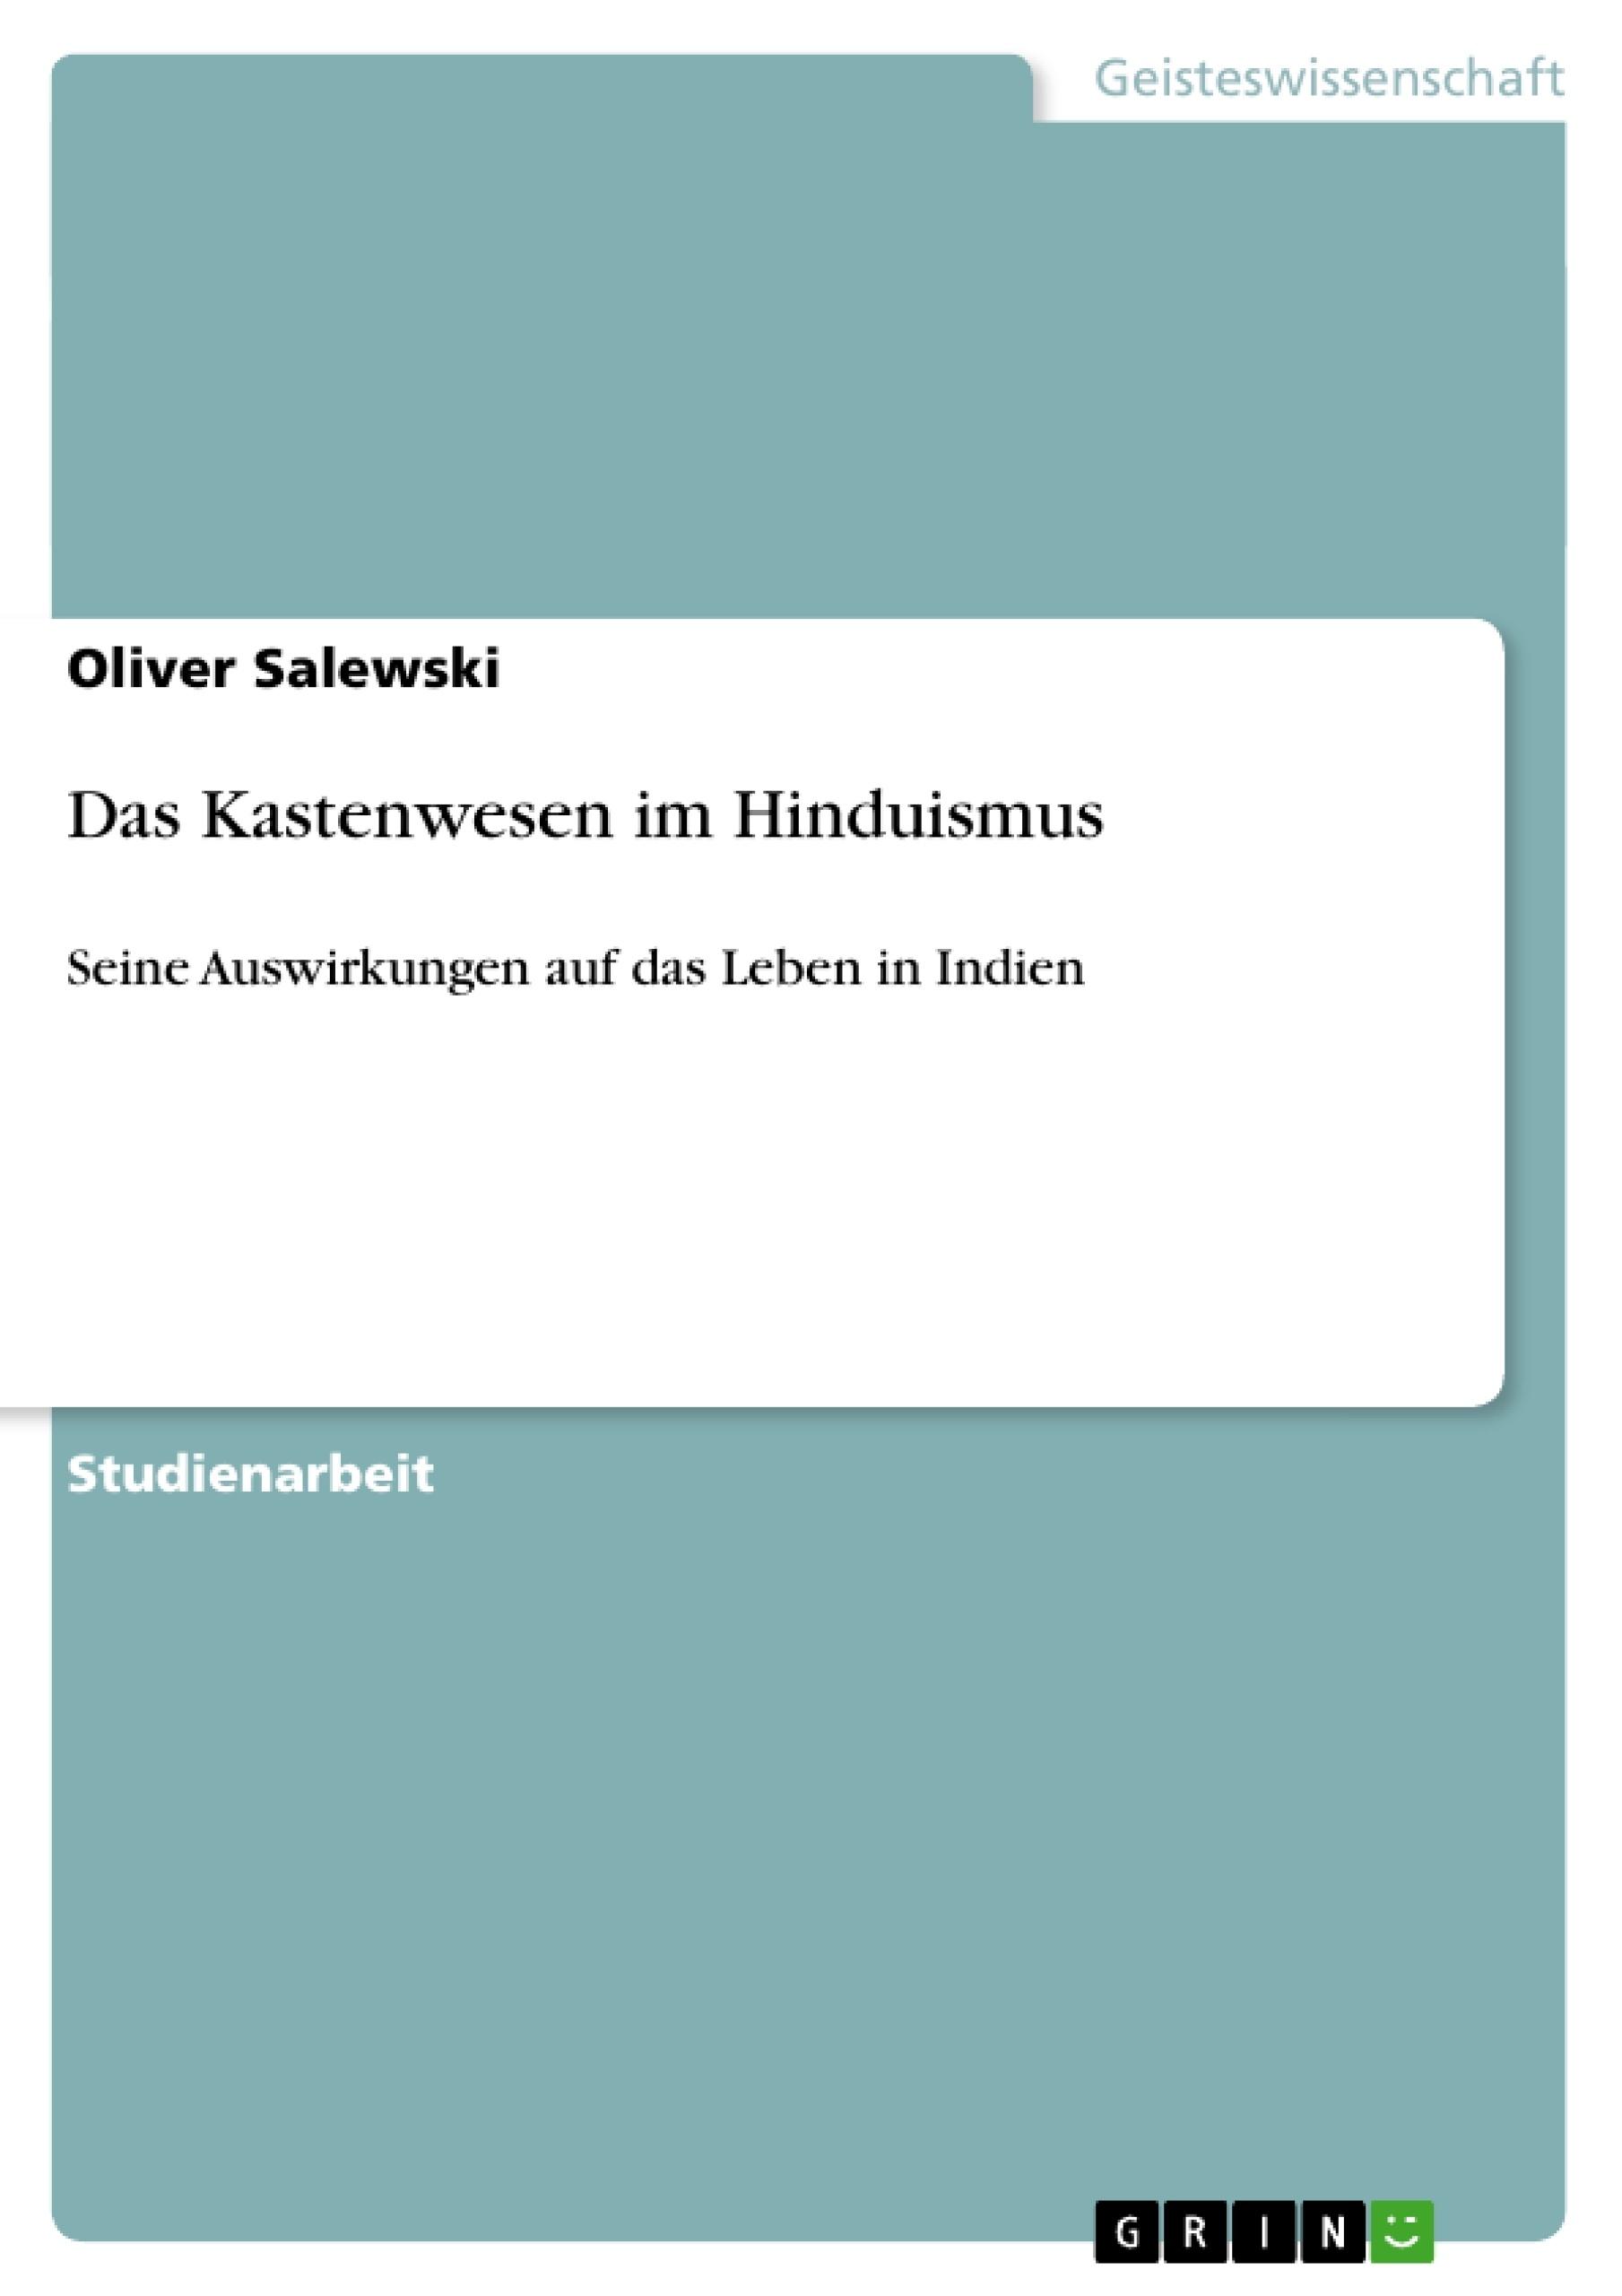 Titel: Das Kastenwesen im Hinduismus